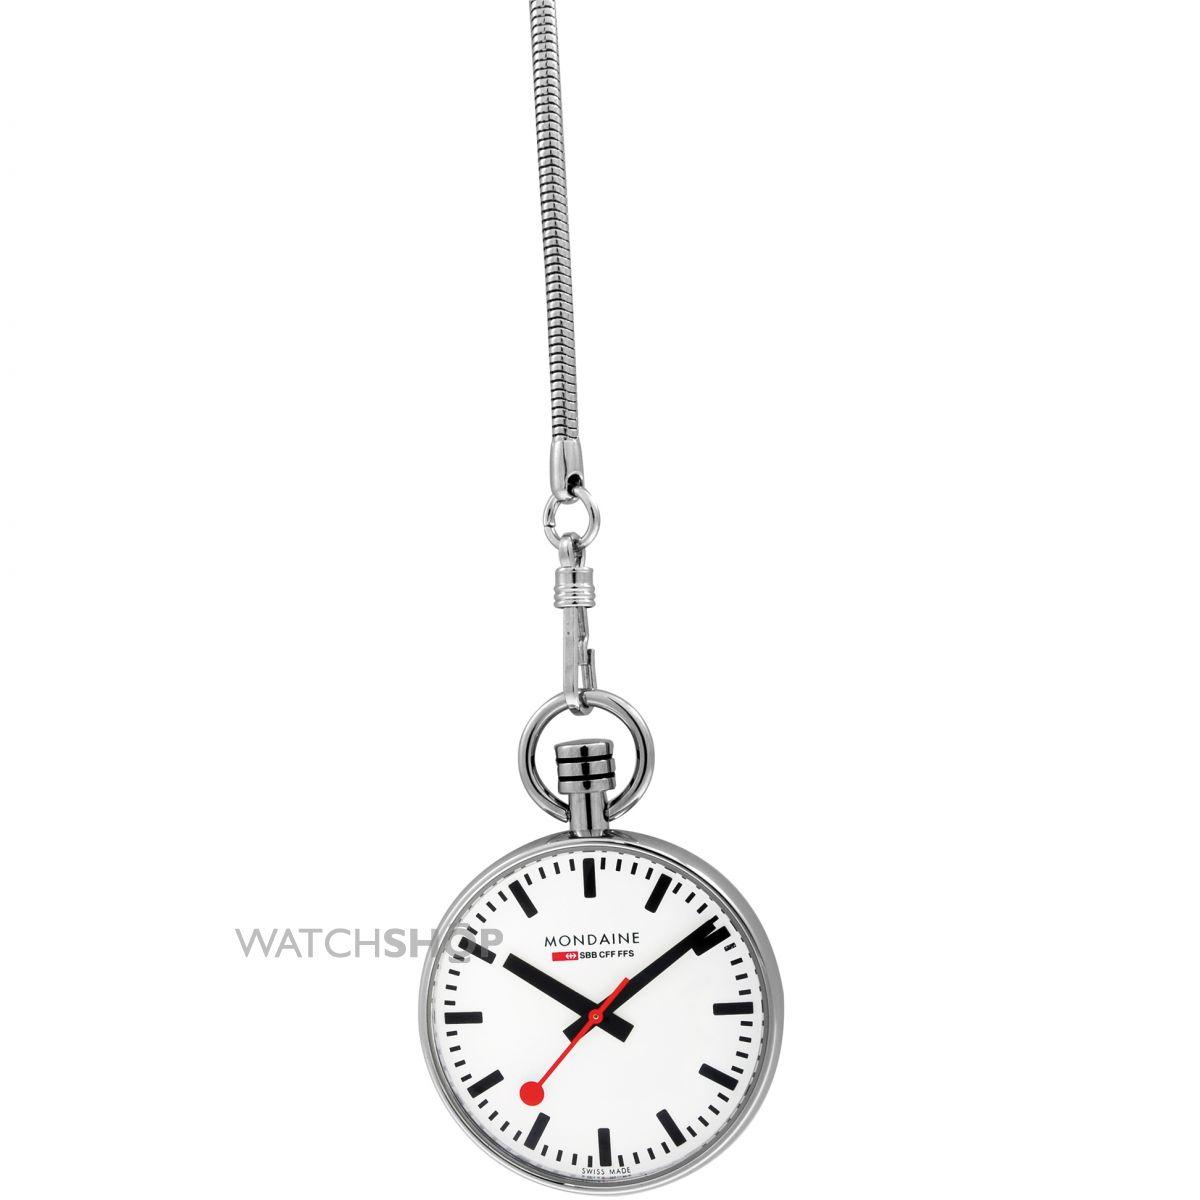 1200x1200 Mondaine Swiss Railways Pocket Watch (A6603031611sbb)